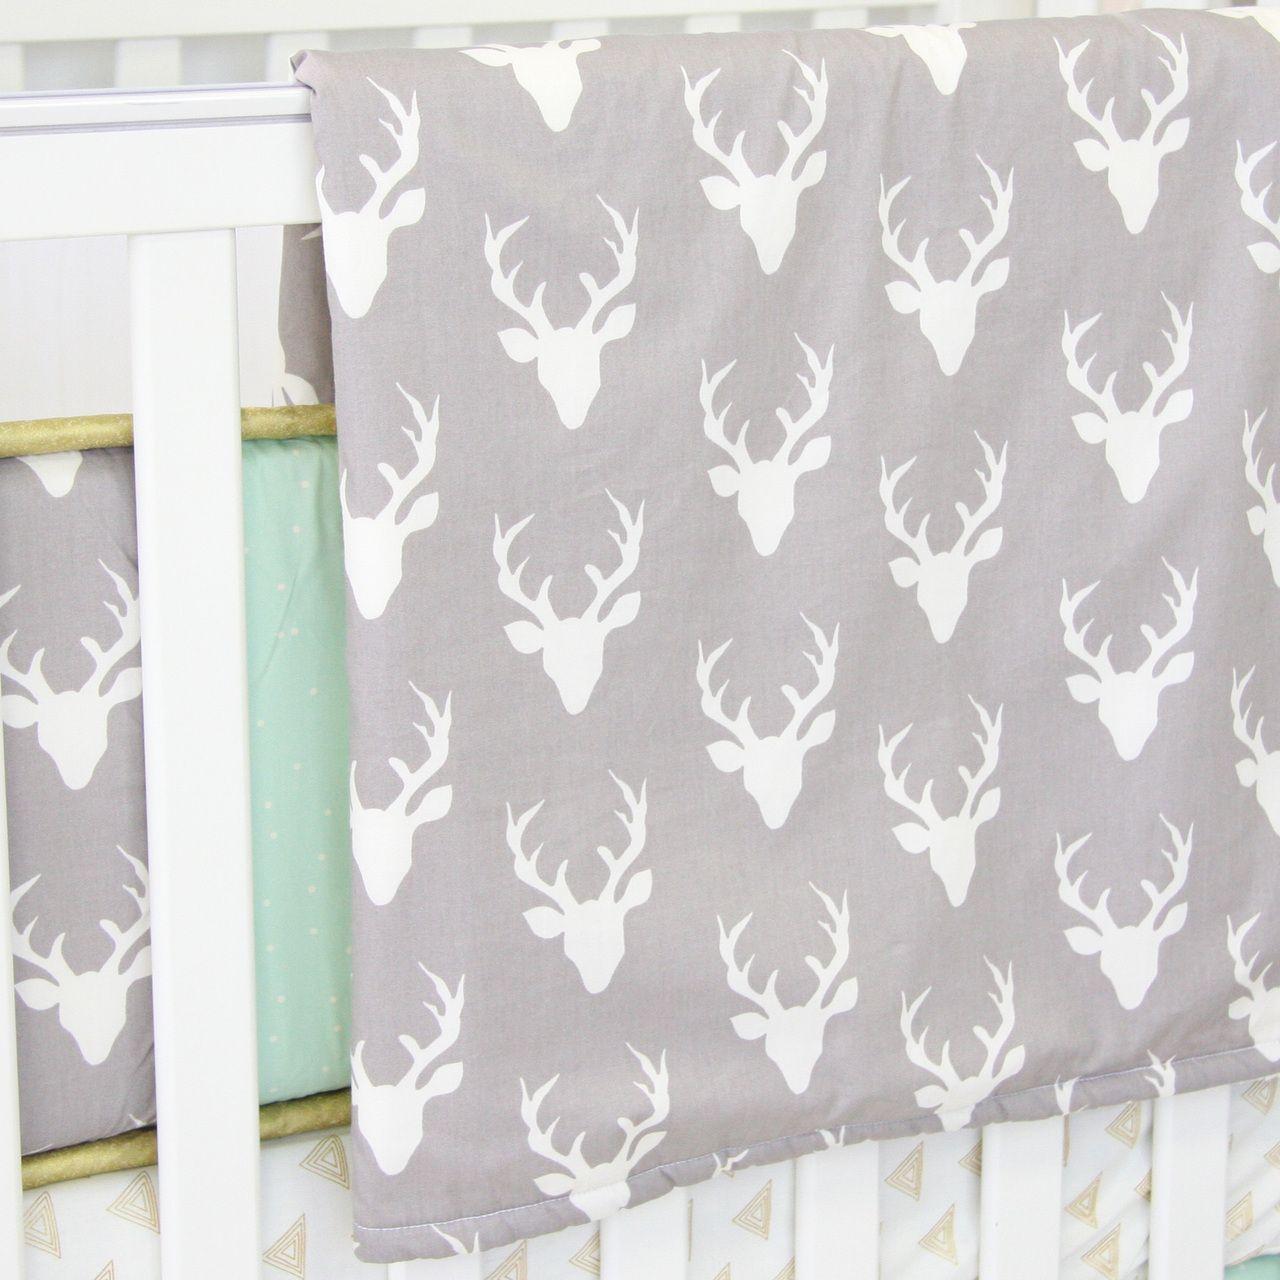 Caden Lane Baby Bedding Blanket Woodland Deer 49 00